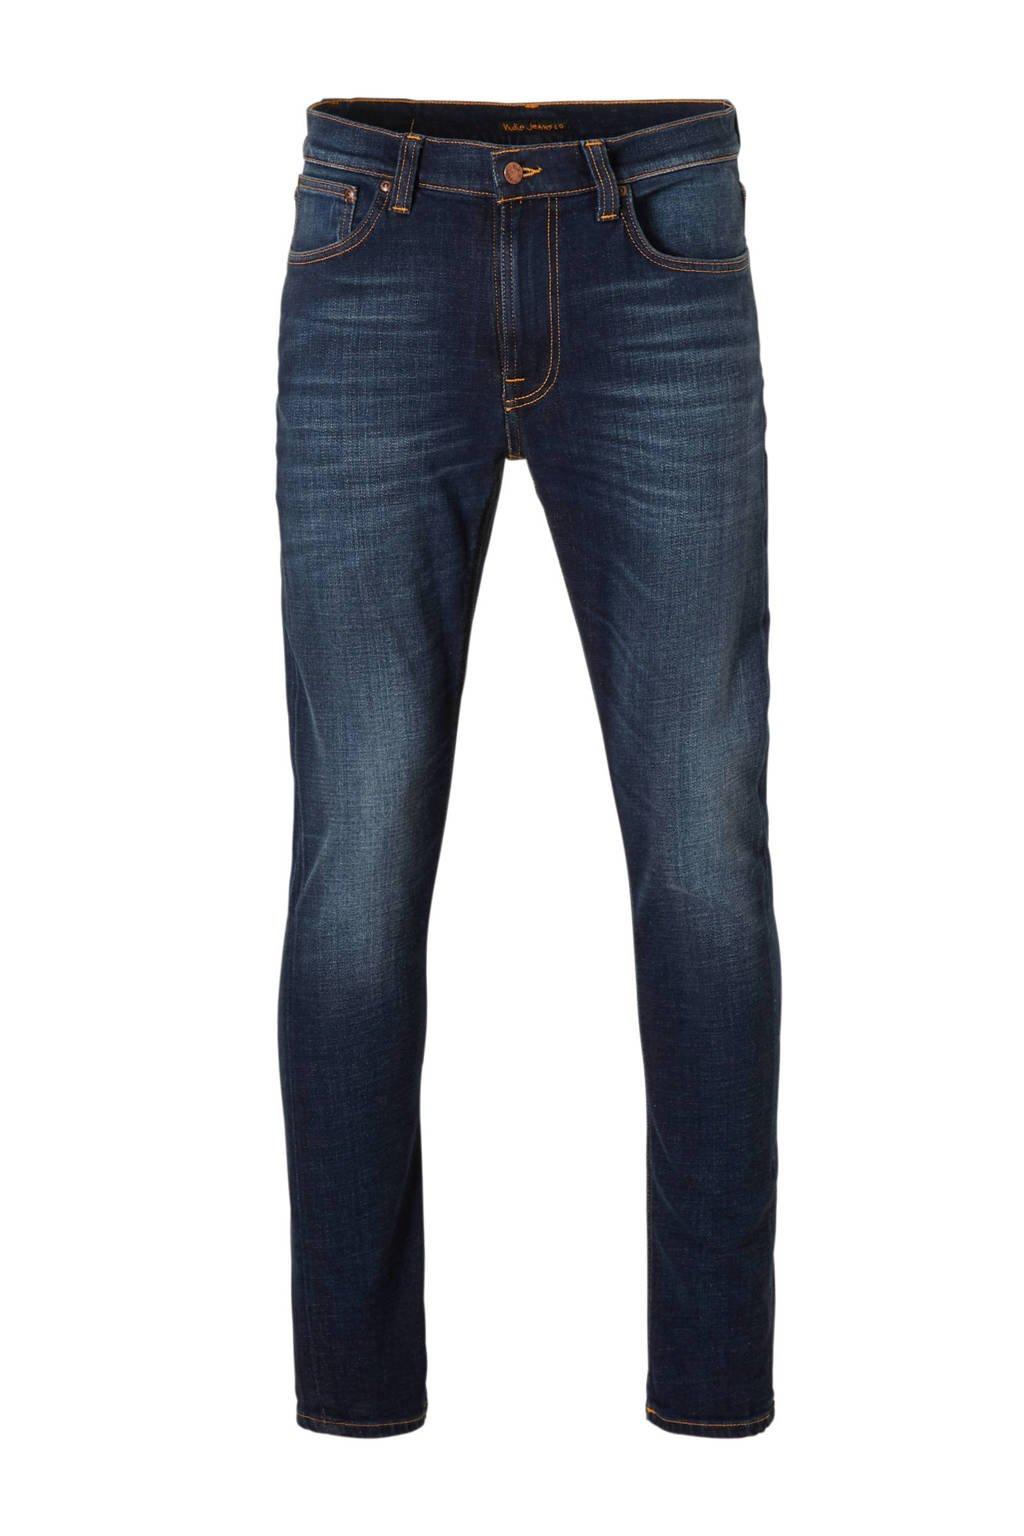 Nudie Jeans Lean Dean jeans, Dark denim